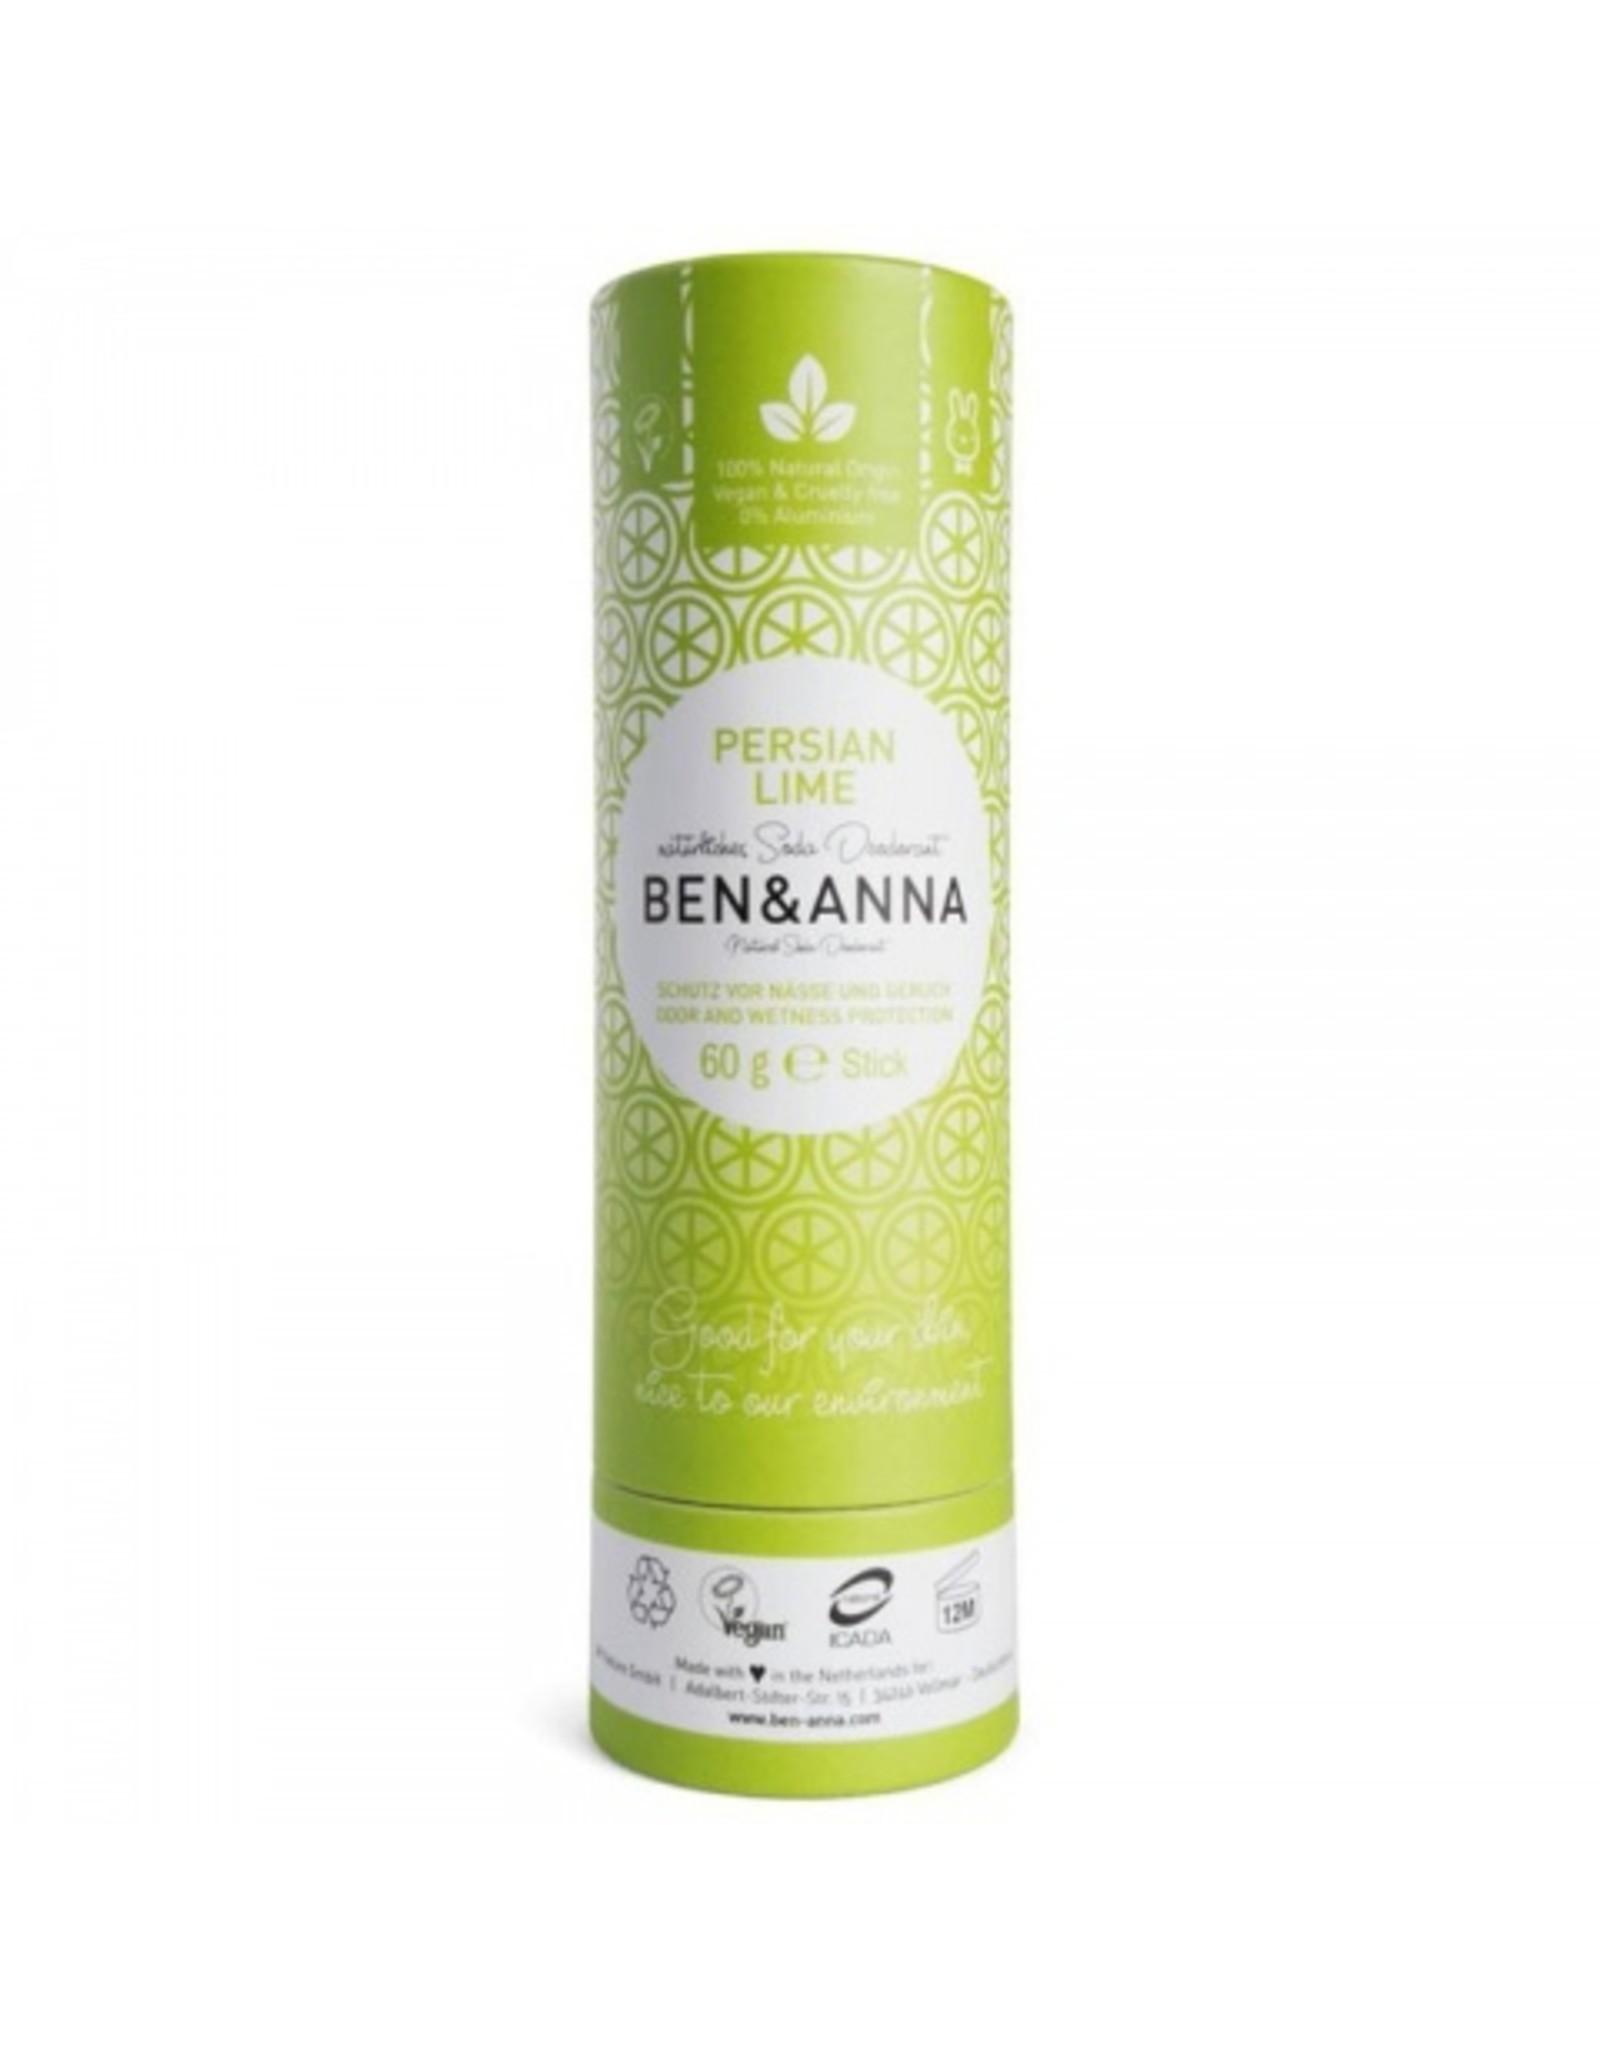 Ben & Anna Push up deo carton Persian Lime